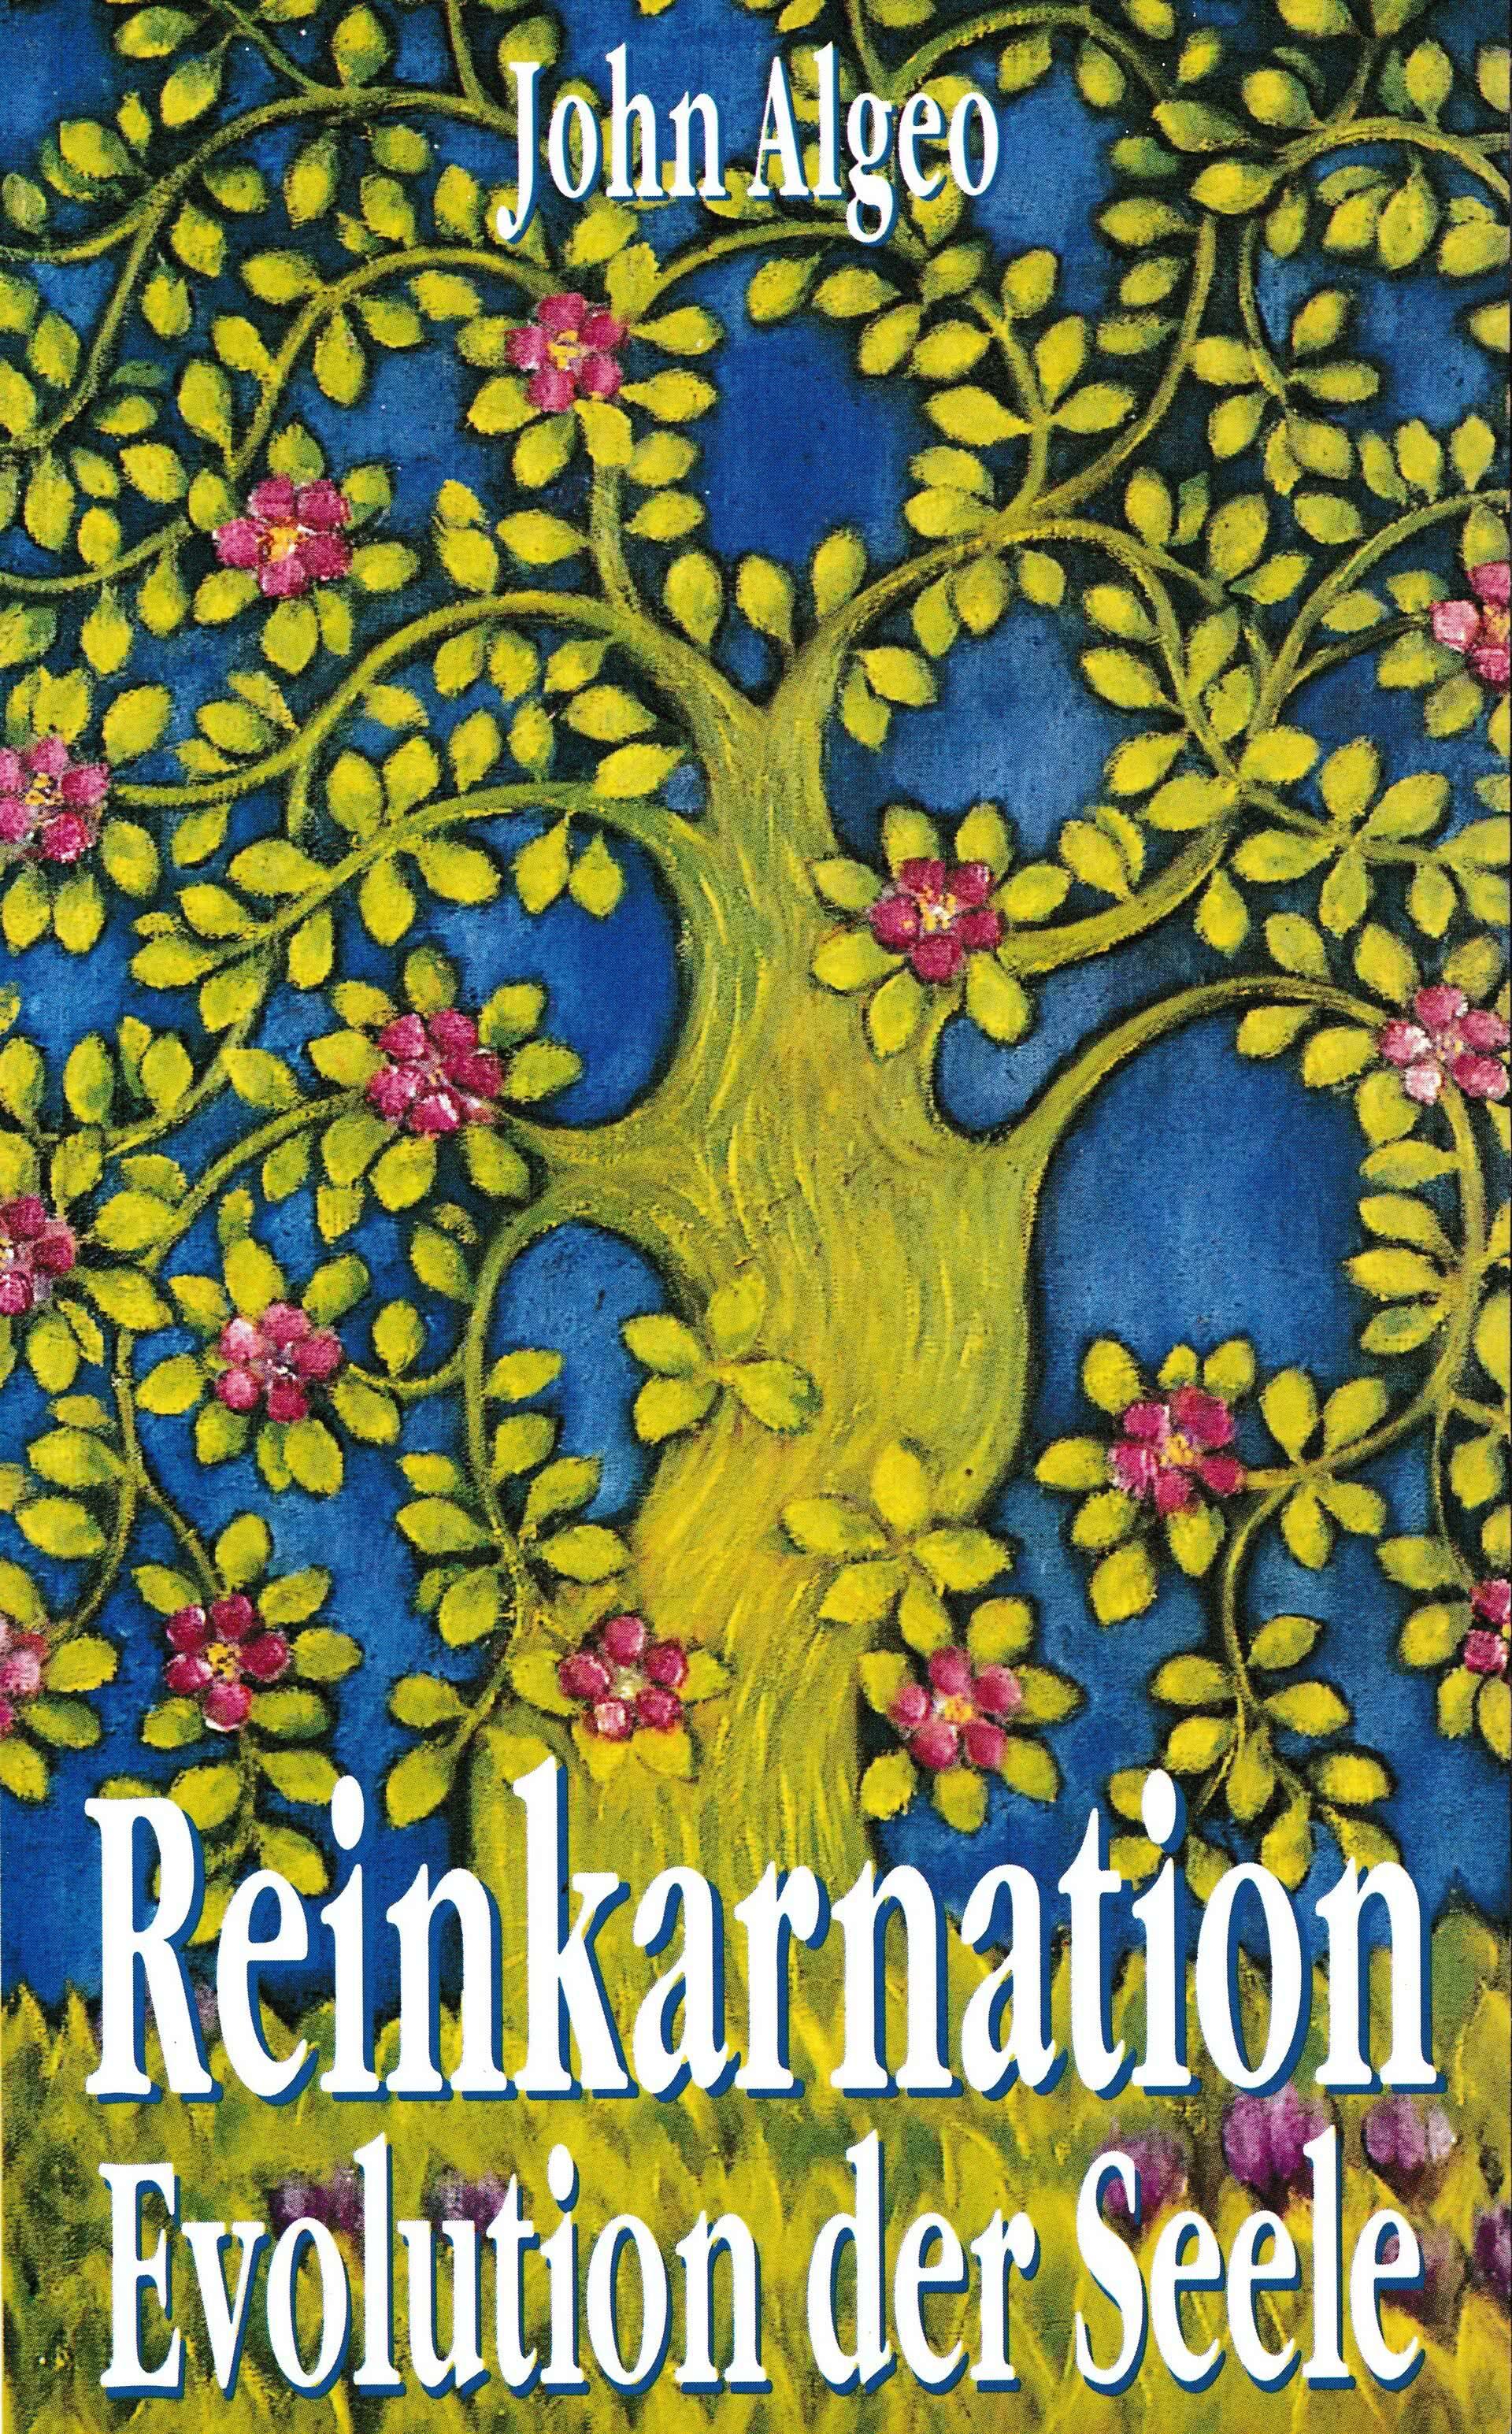 Reinkarnation. Evolution der Seele